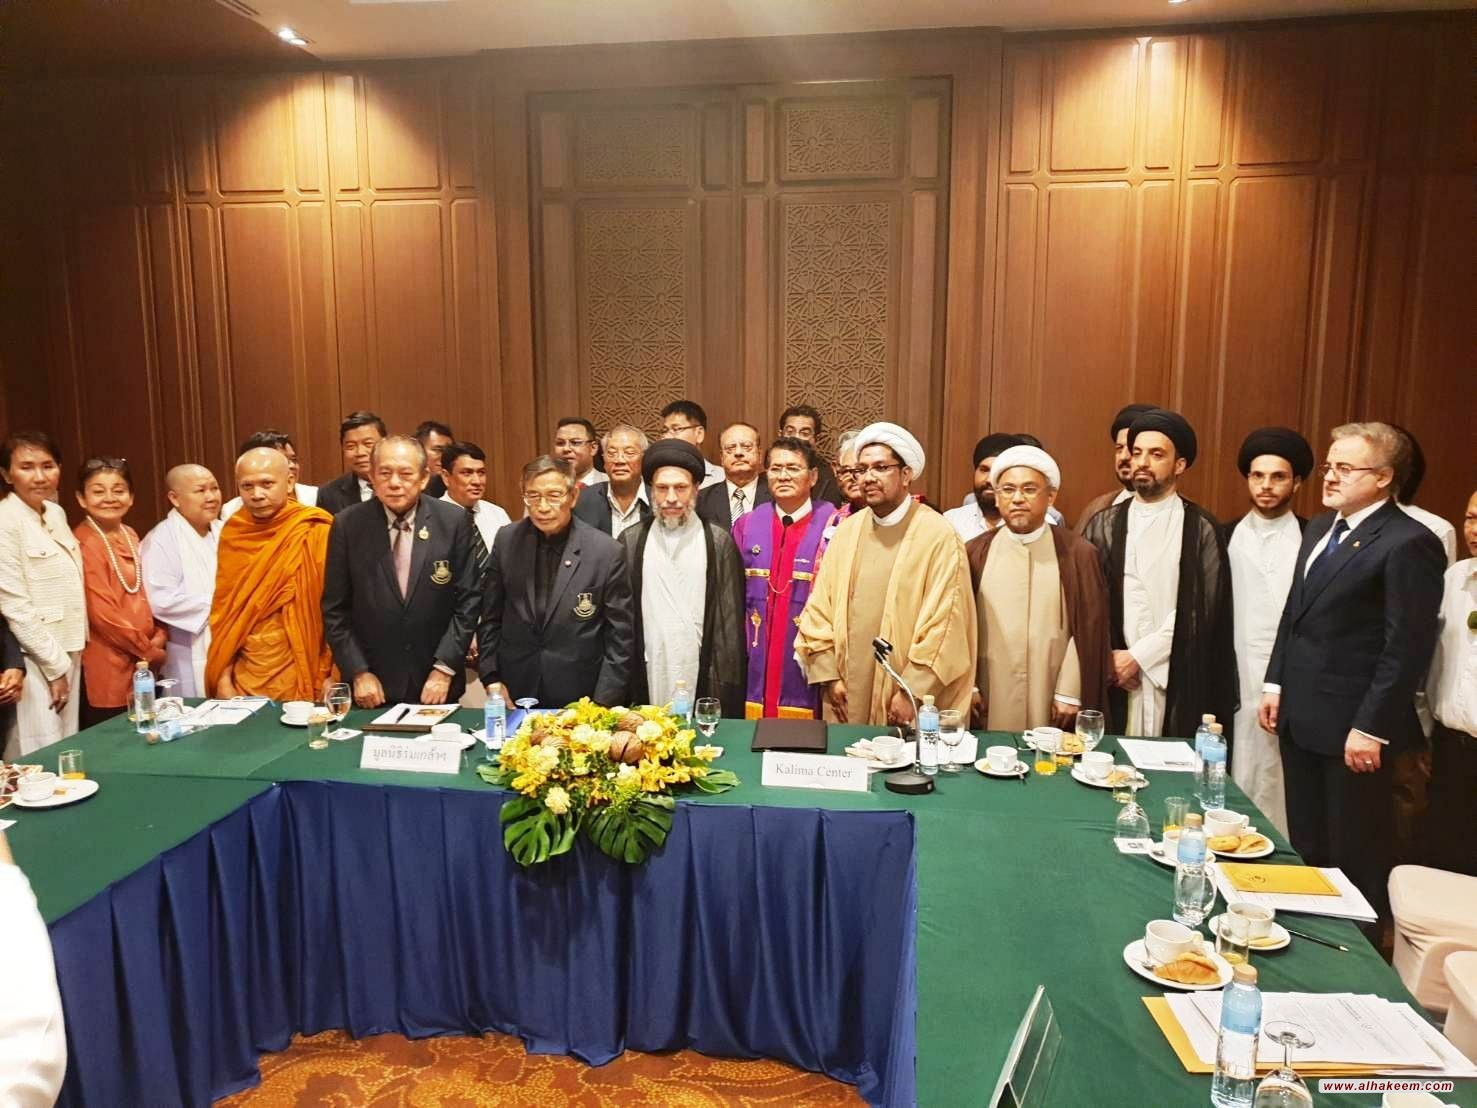 مشارکت ایت الله سید ریاض حکیم در همایش گفتگوی ادیان در پایتخت تایلند بانکوک